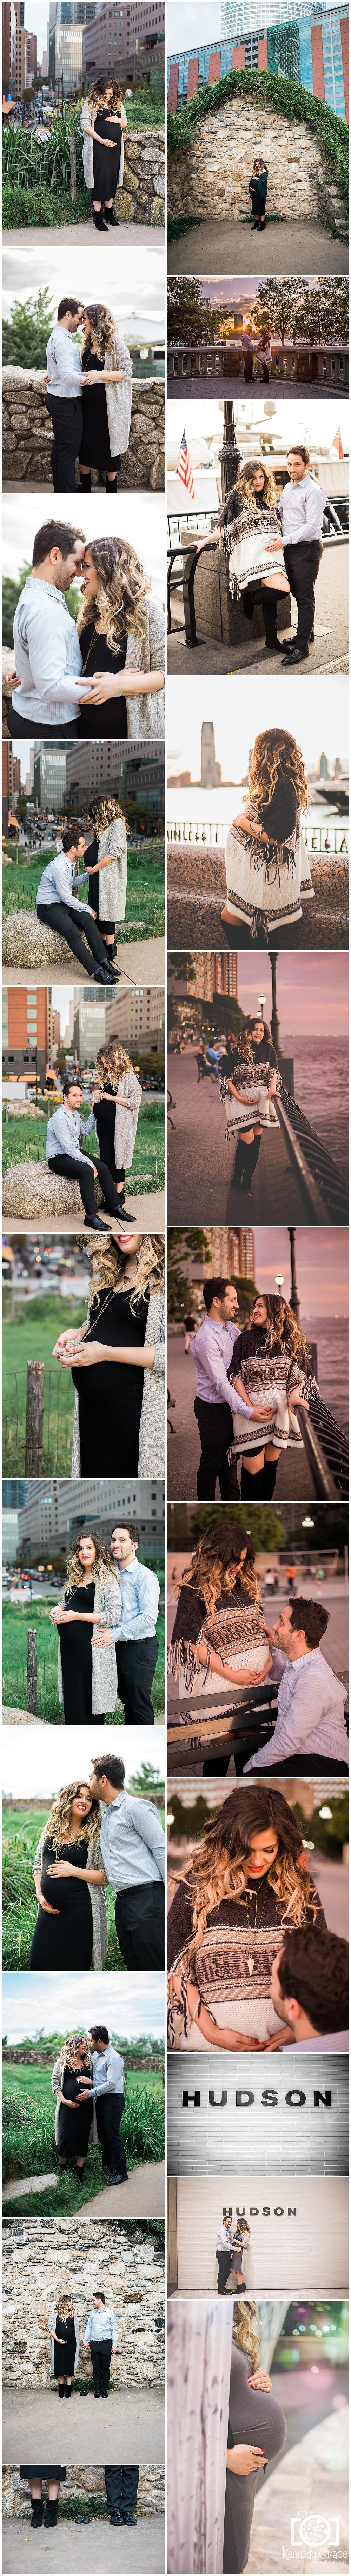 NYC maternity